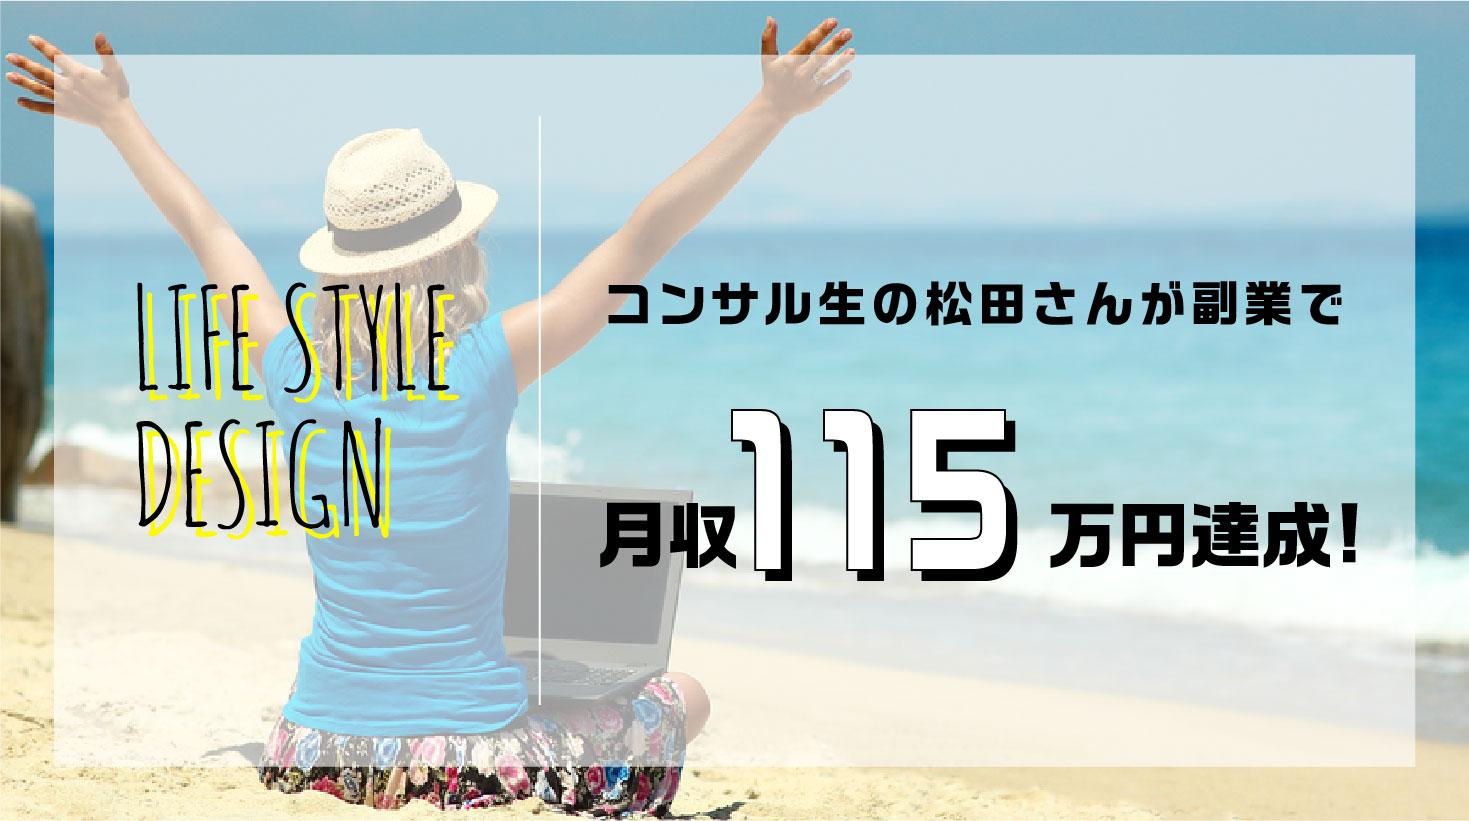 サラリーマンの松田さんがブログで月収115万円達成しました!